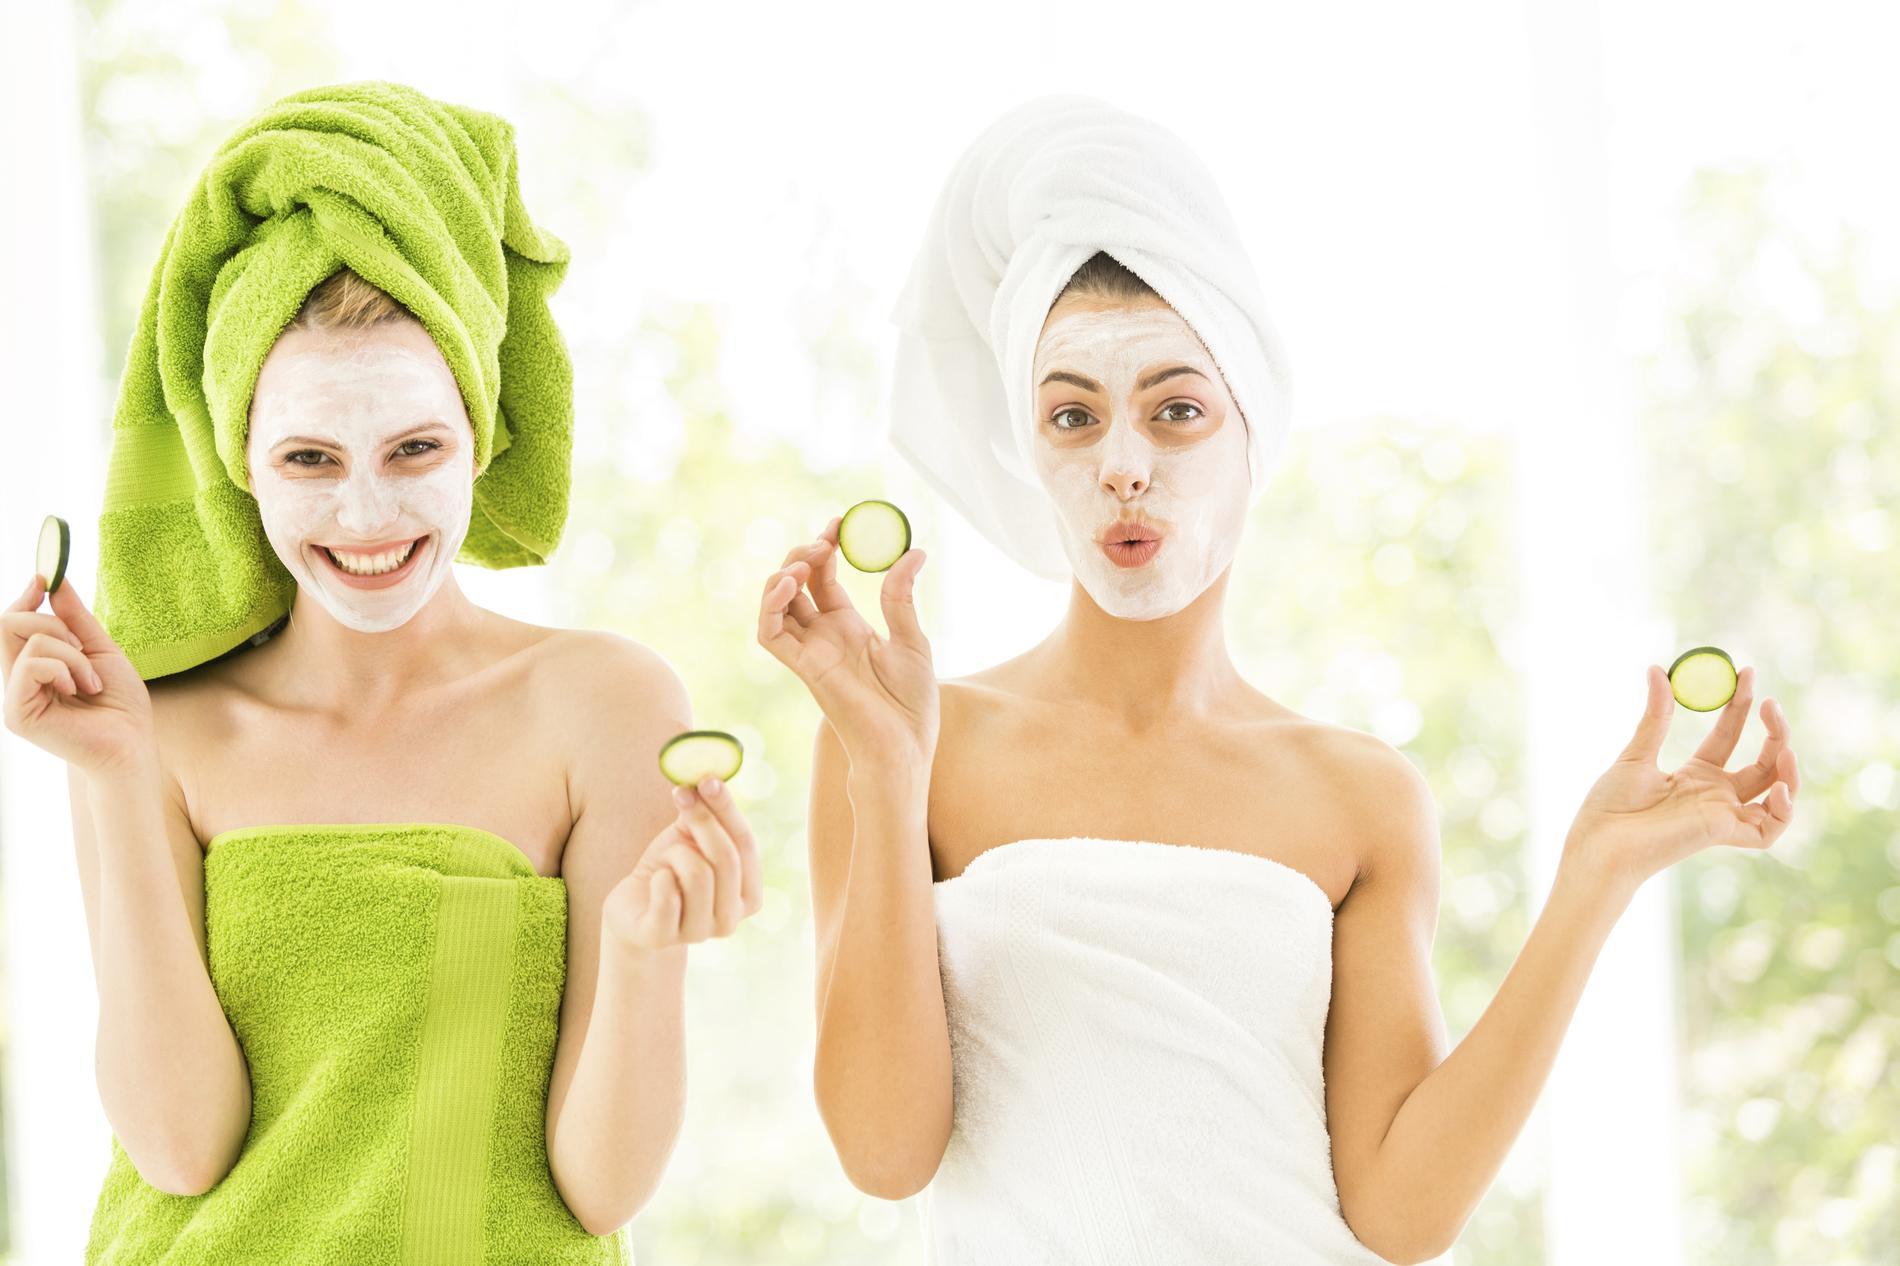 Masque maison on hydrate sa peau au retour des vacances madame figaro - Masque pour visage maison ...